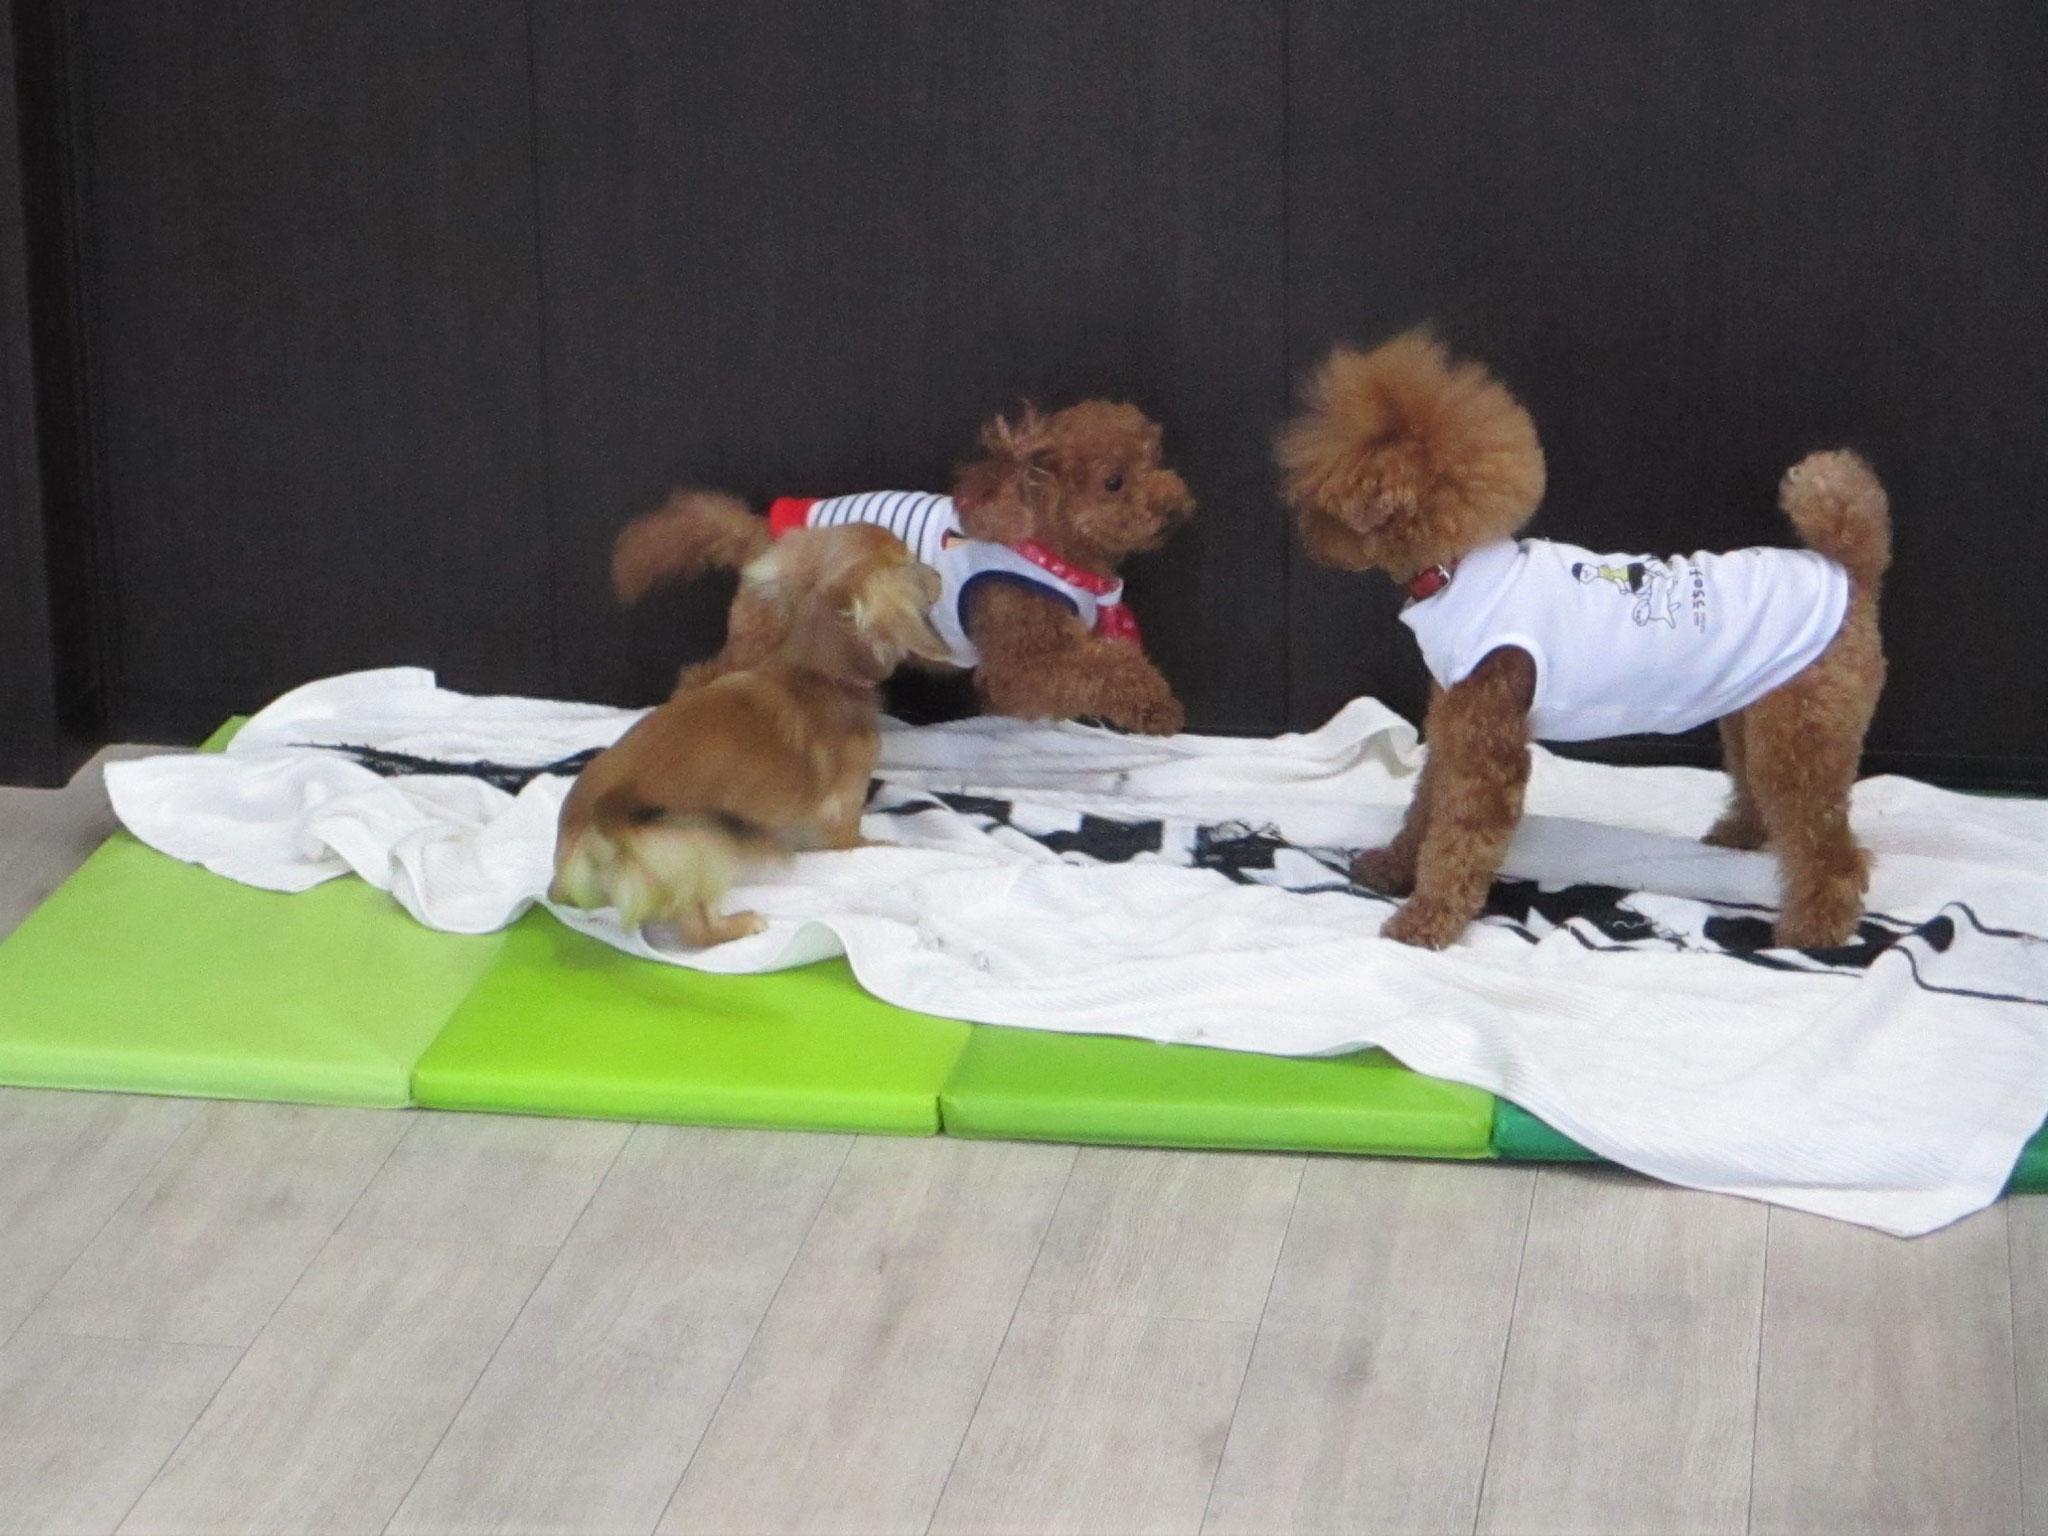 犬の保育園Baby・犬・犬のしつけ・犬の社会化・3人の遊び